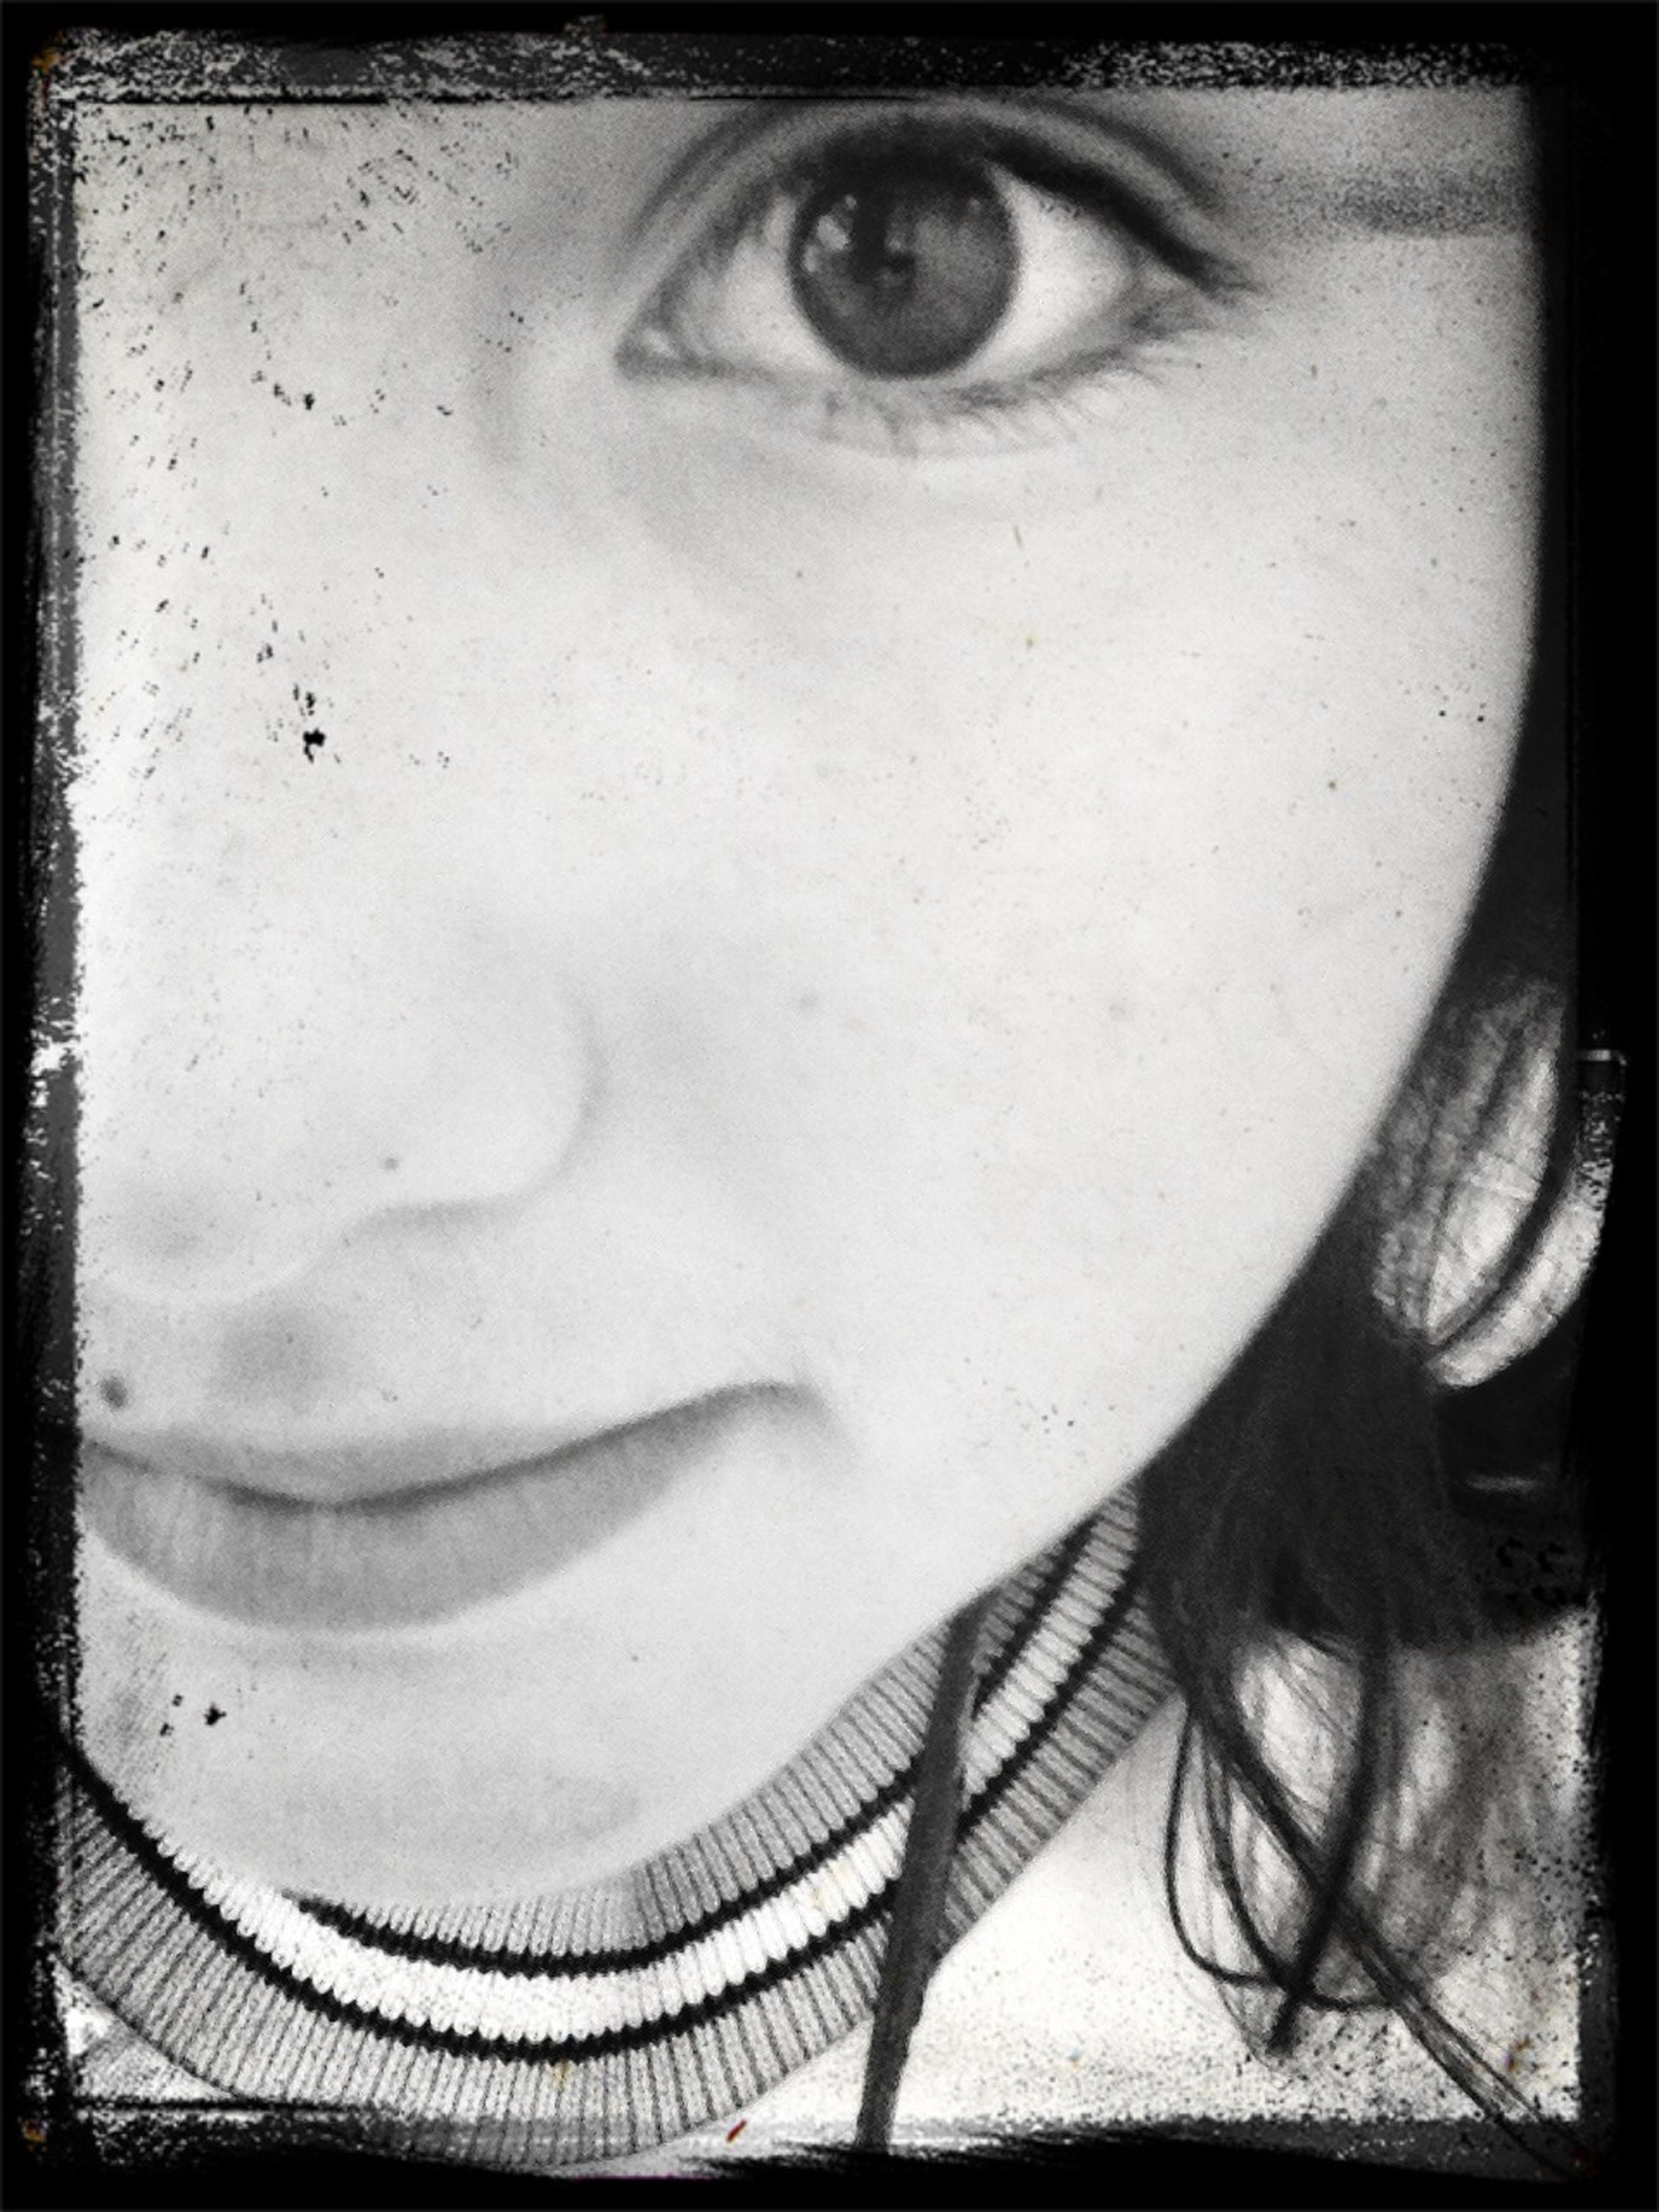 I love my eyes ;)